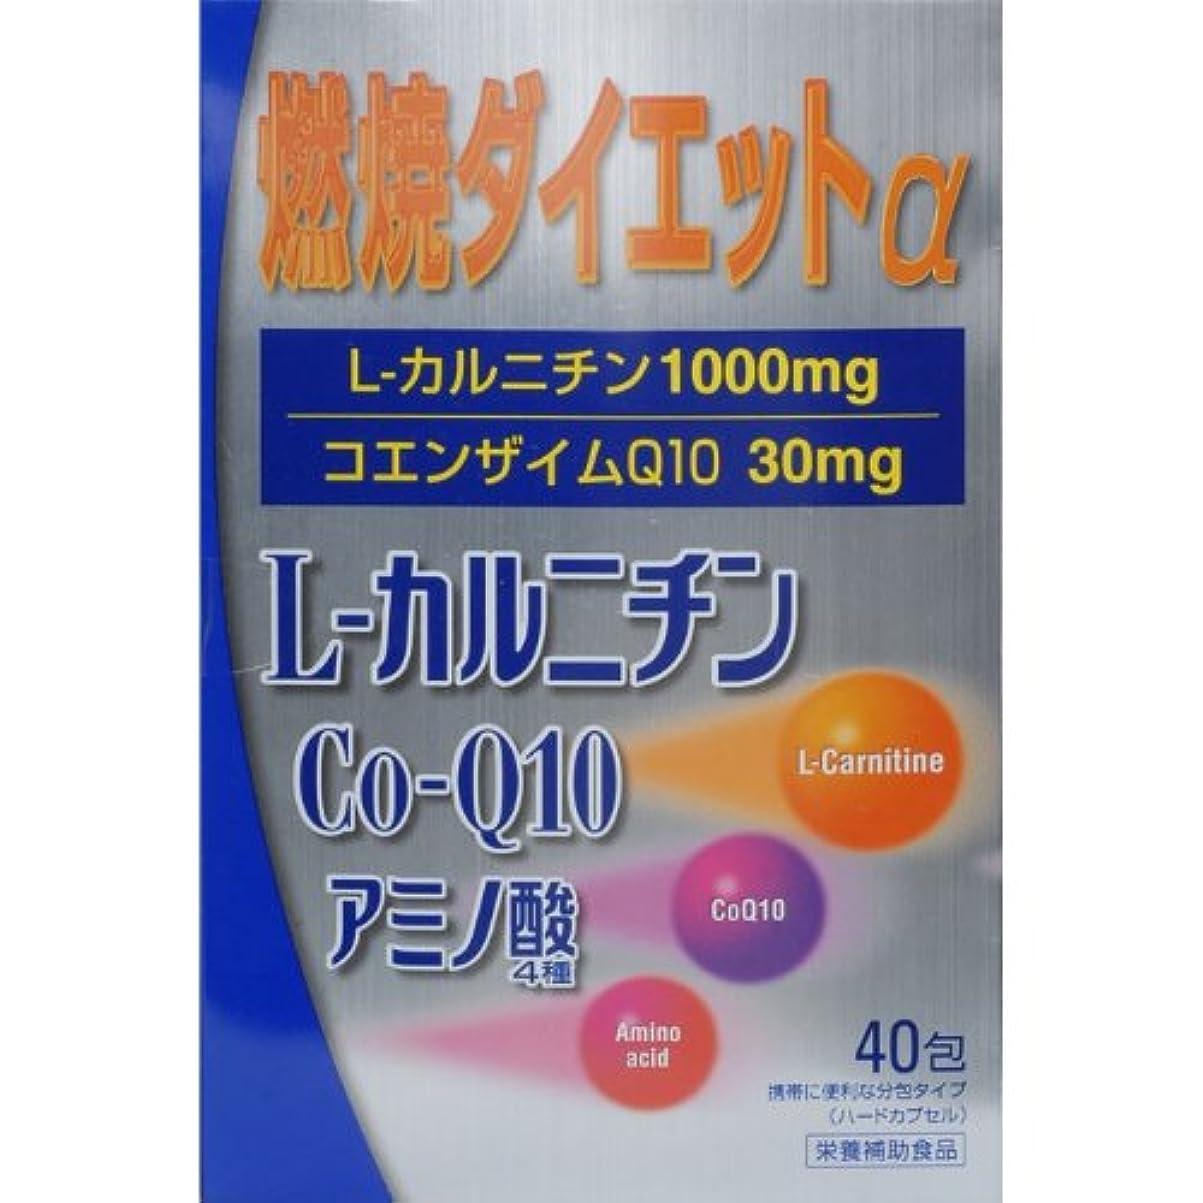 音流星円形燃焼ダイエットL‐カルニチンα 40包